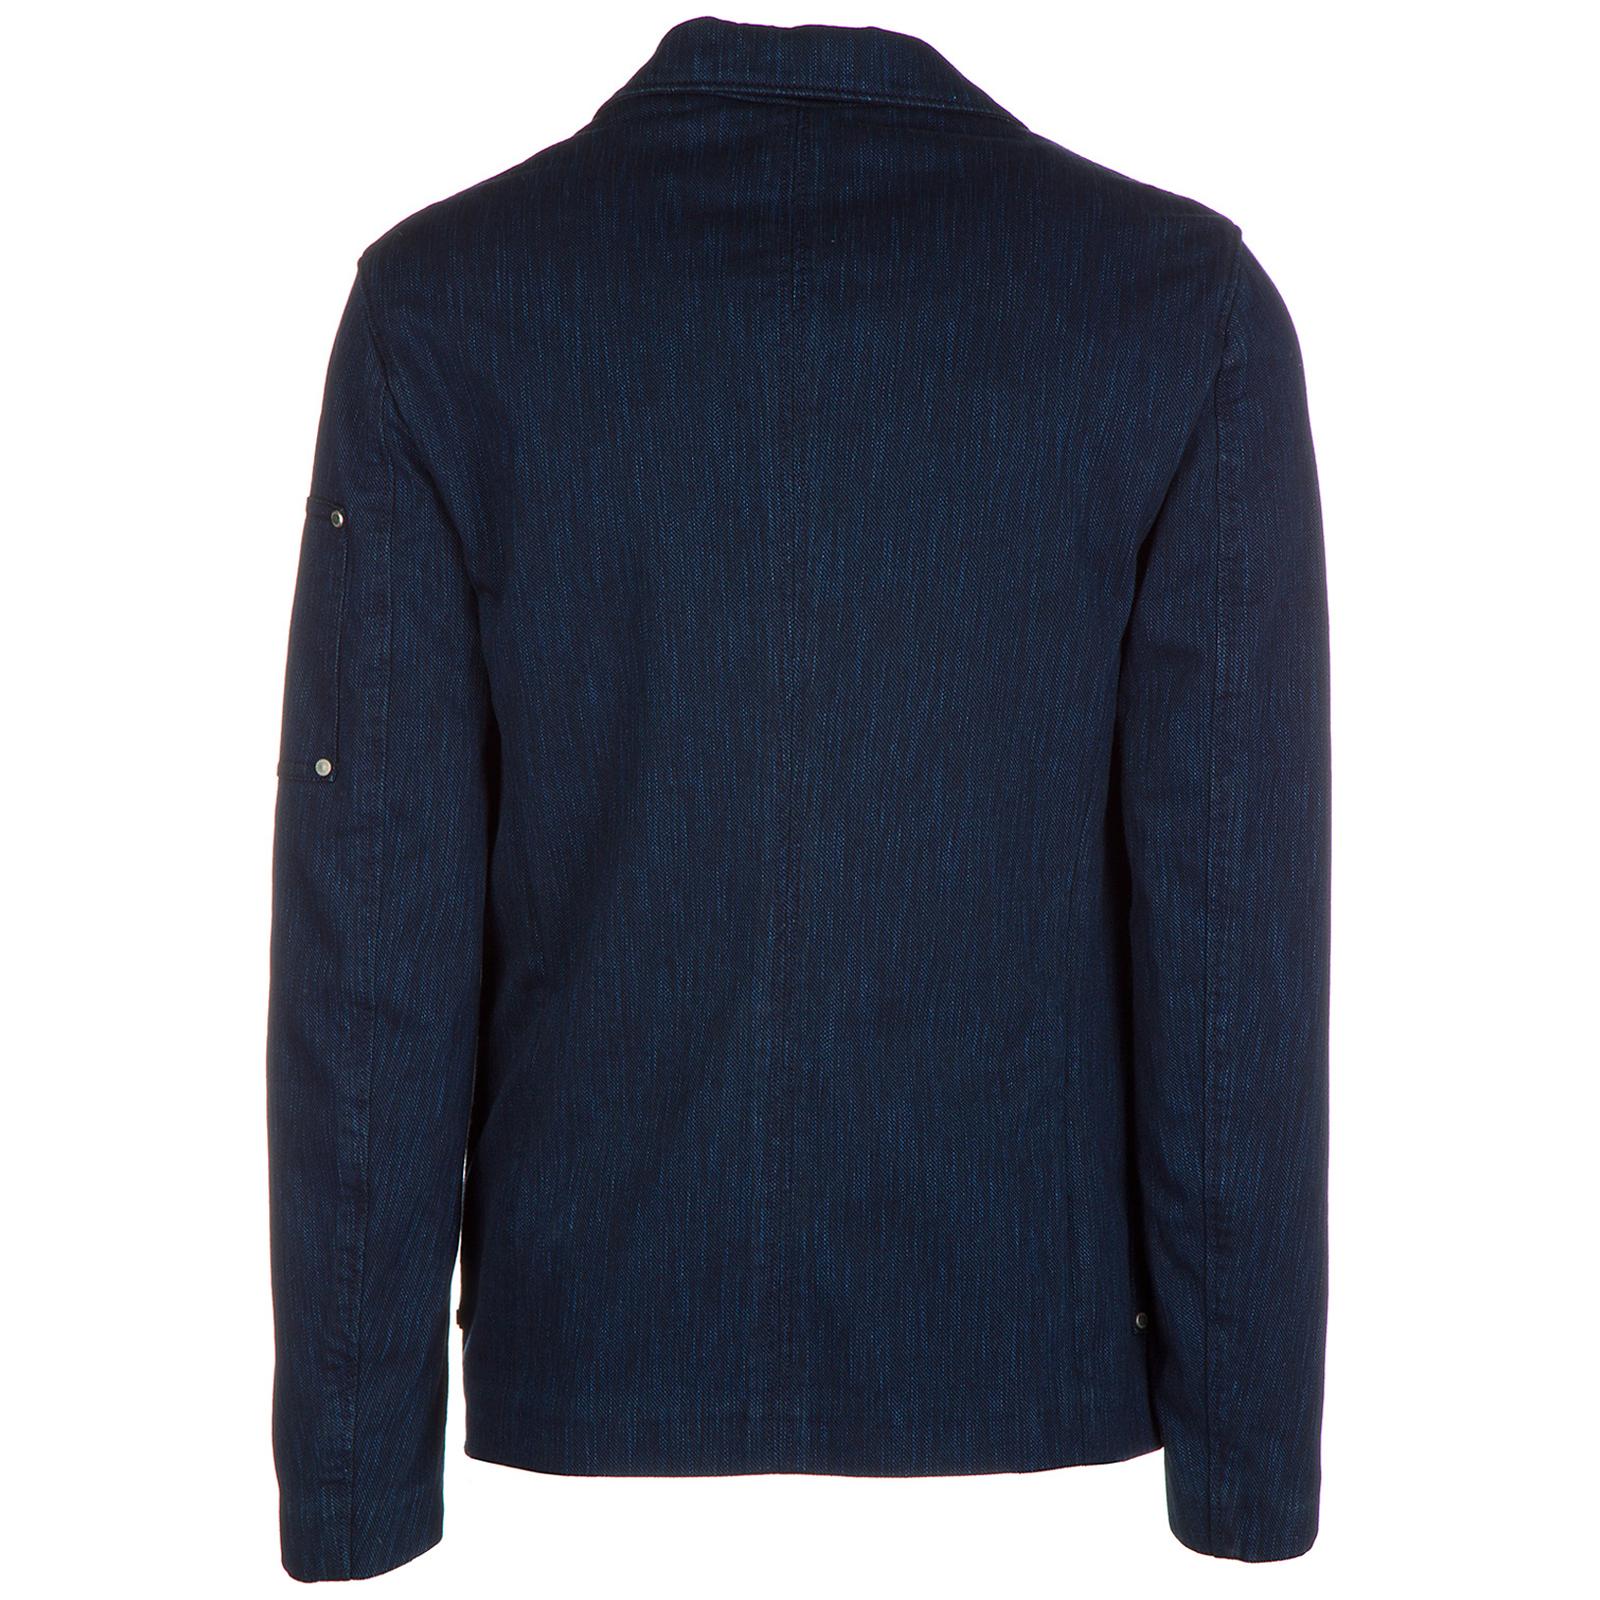 Veste Versace Jeans Cgqb502 Qum702 Blu Frmoda Com